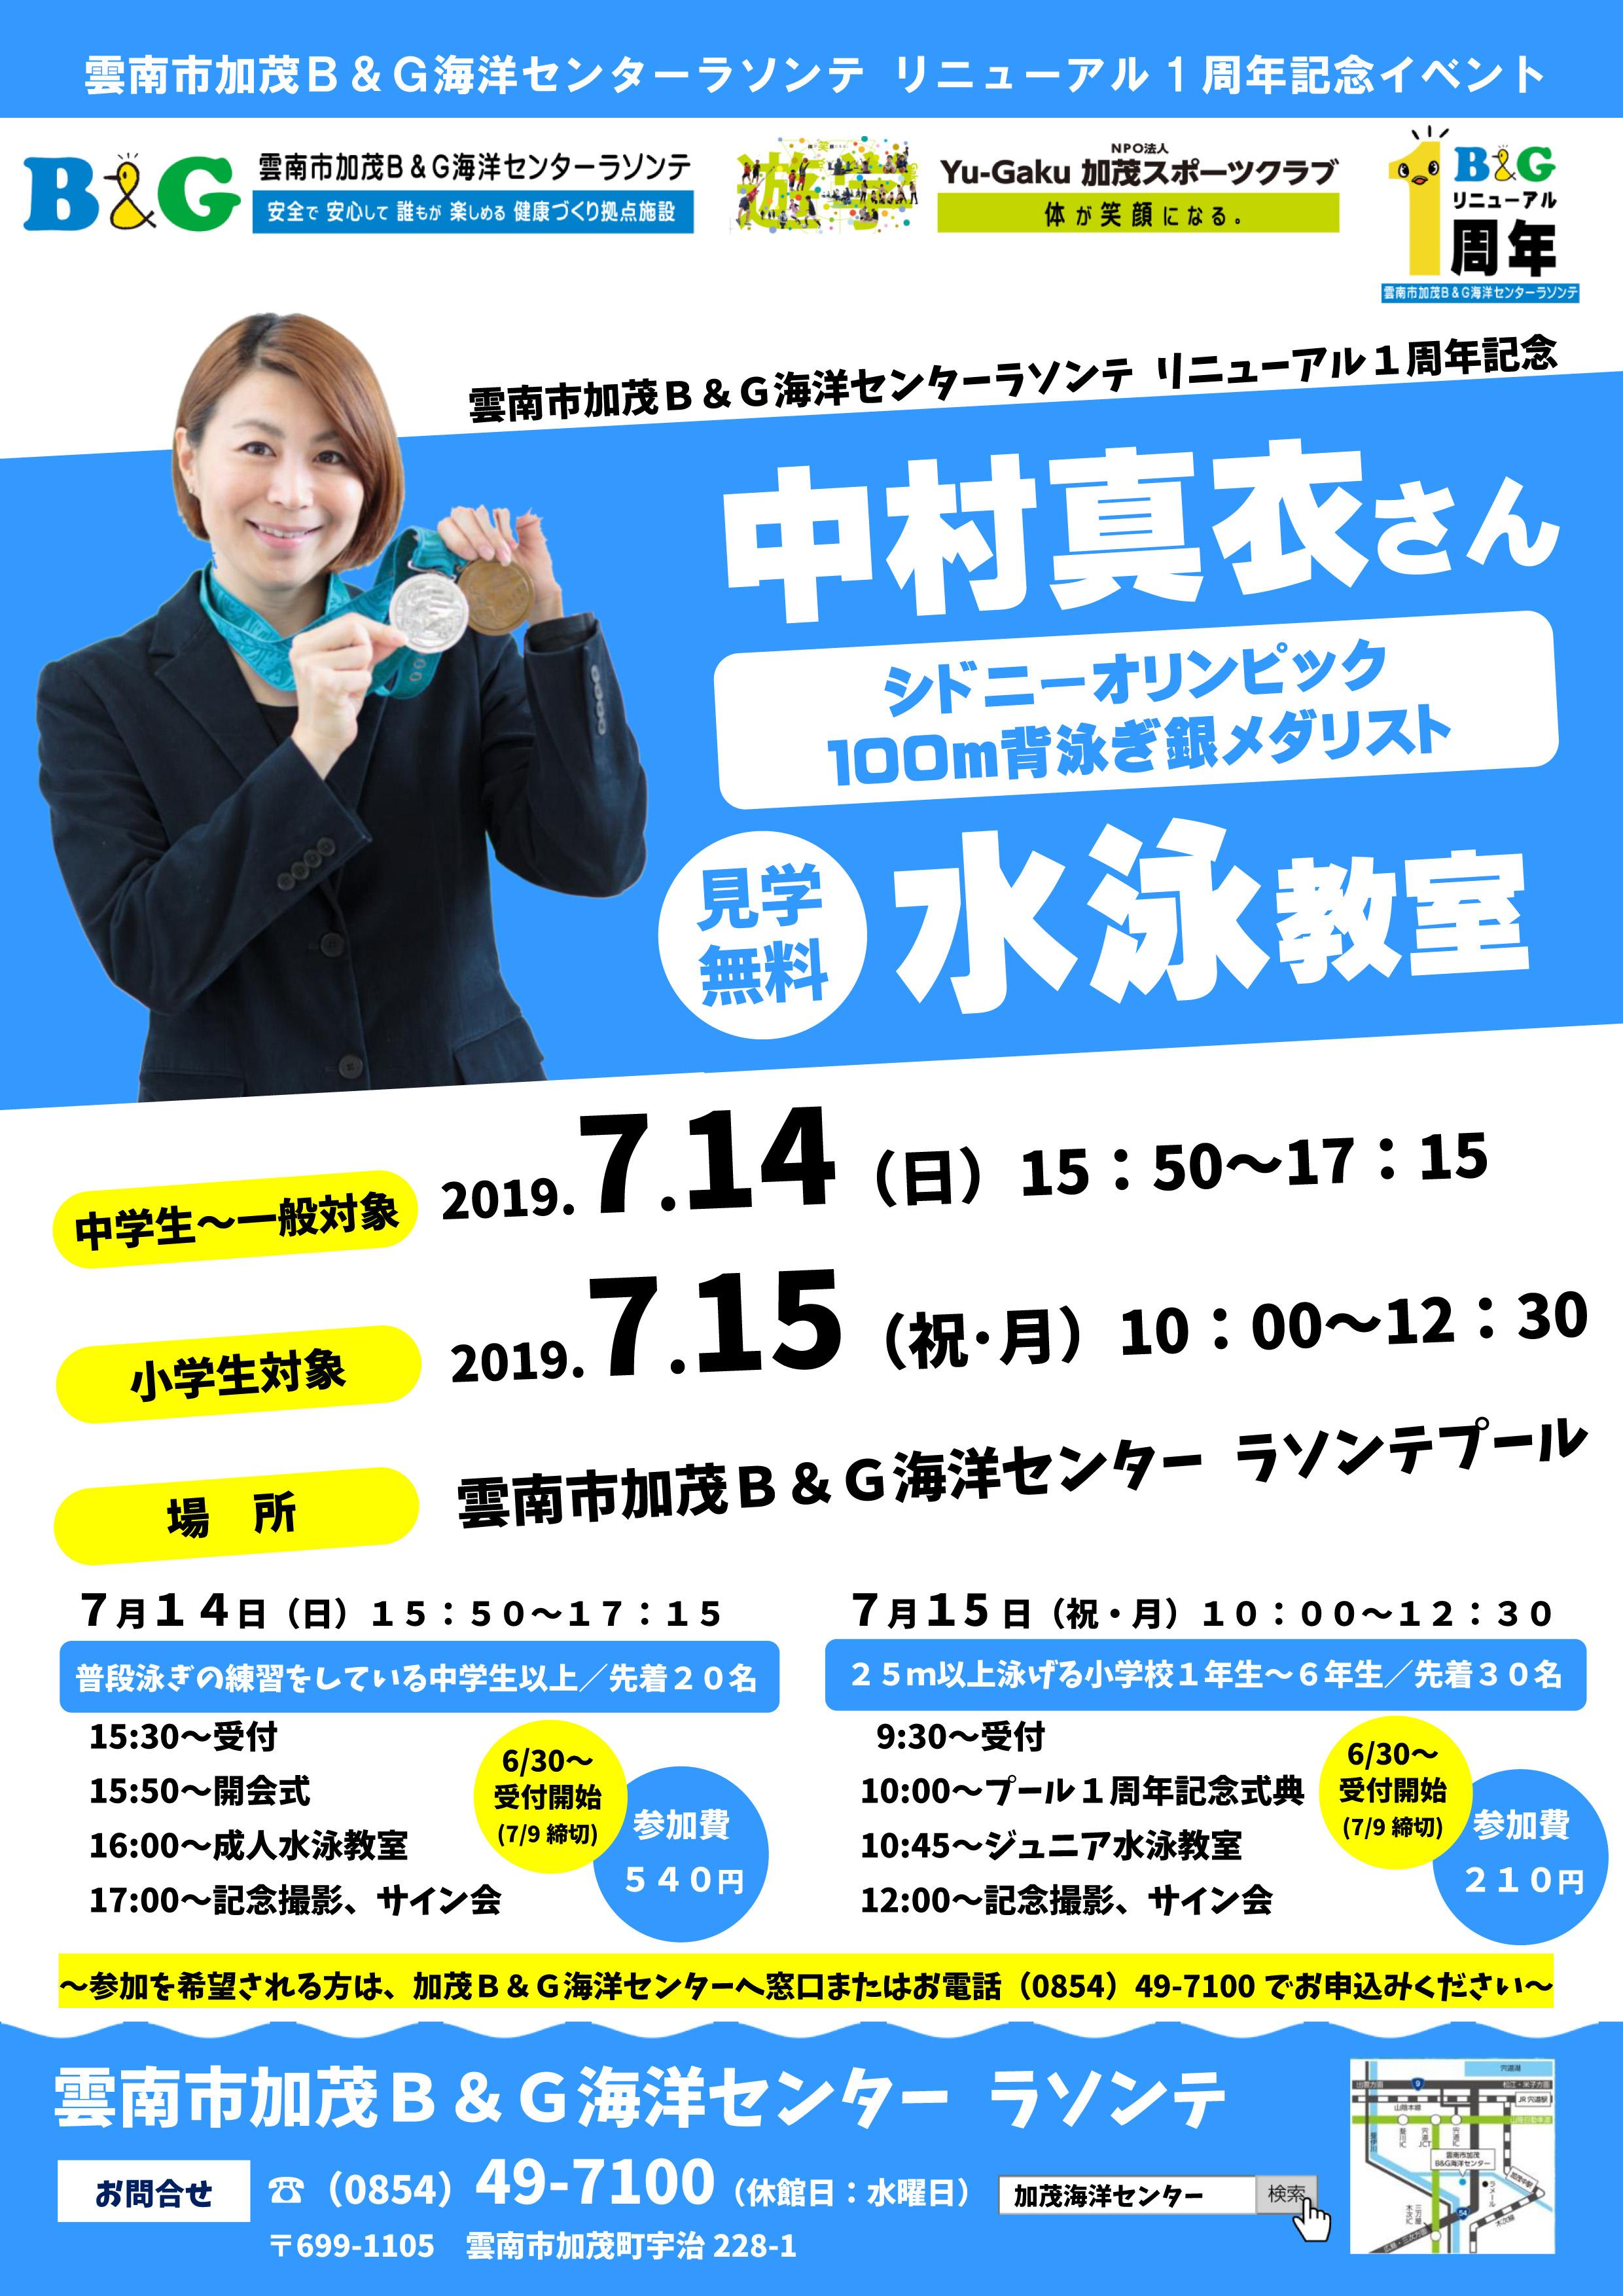 シドニーオリンピック100m背泳ぎ銀メダリスト 中村真衣さん水泳教室